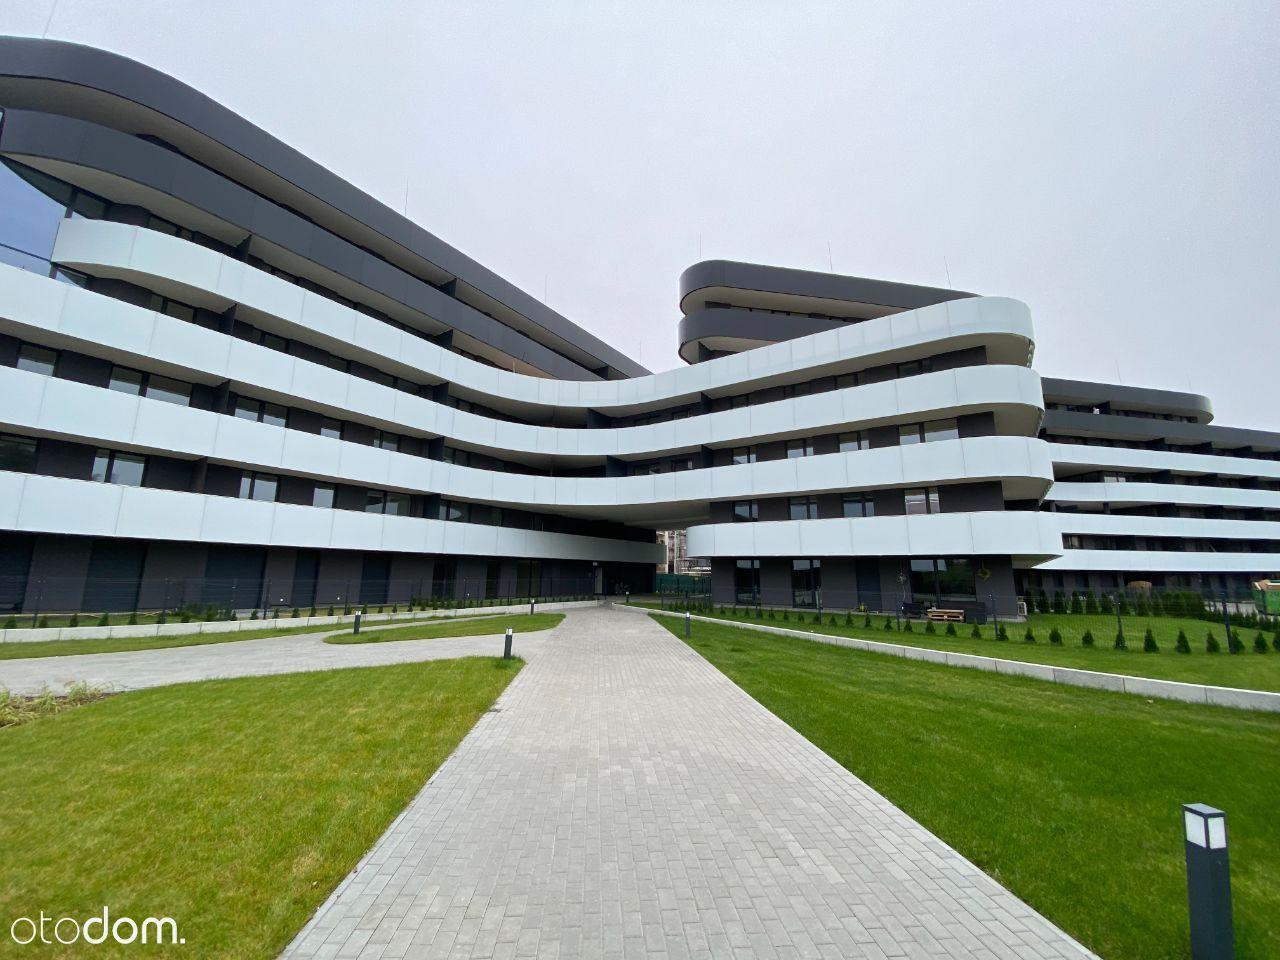 Apartament w Perłowej Dolinie, taras 130m2 i 30m2